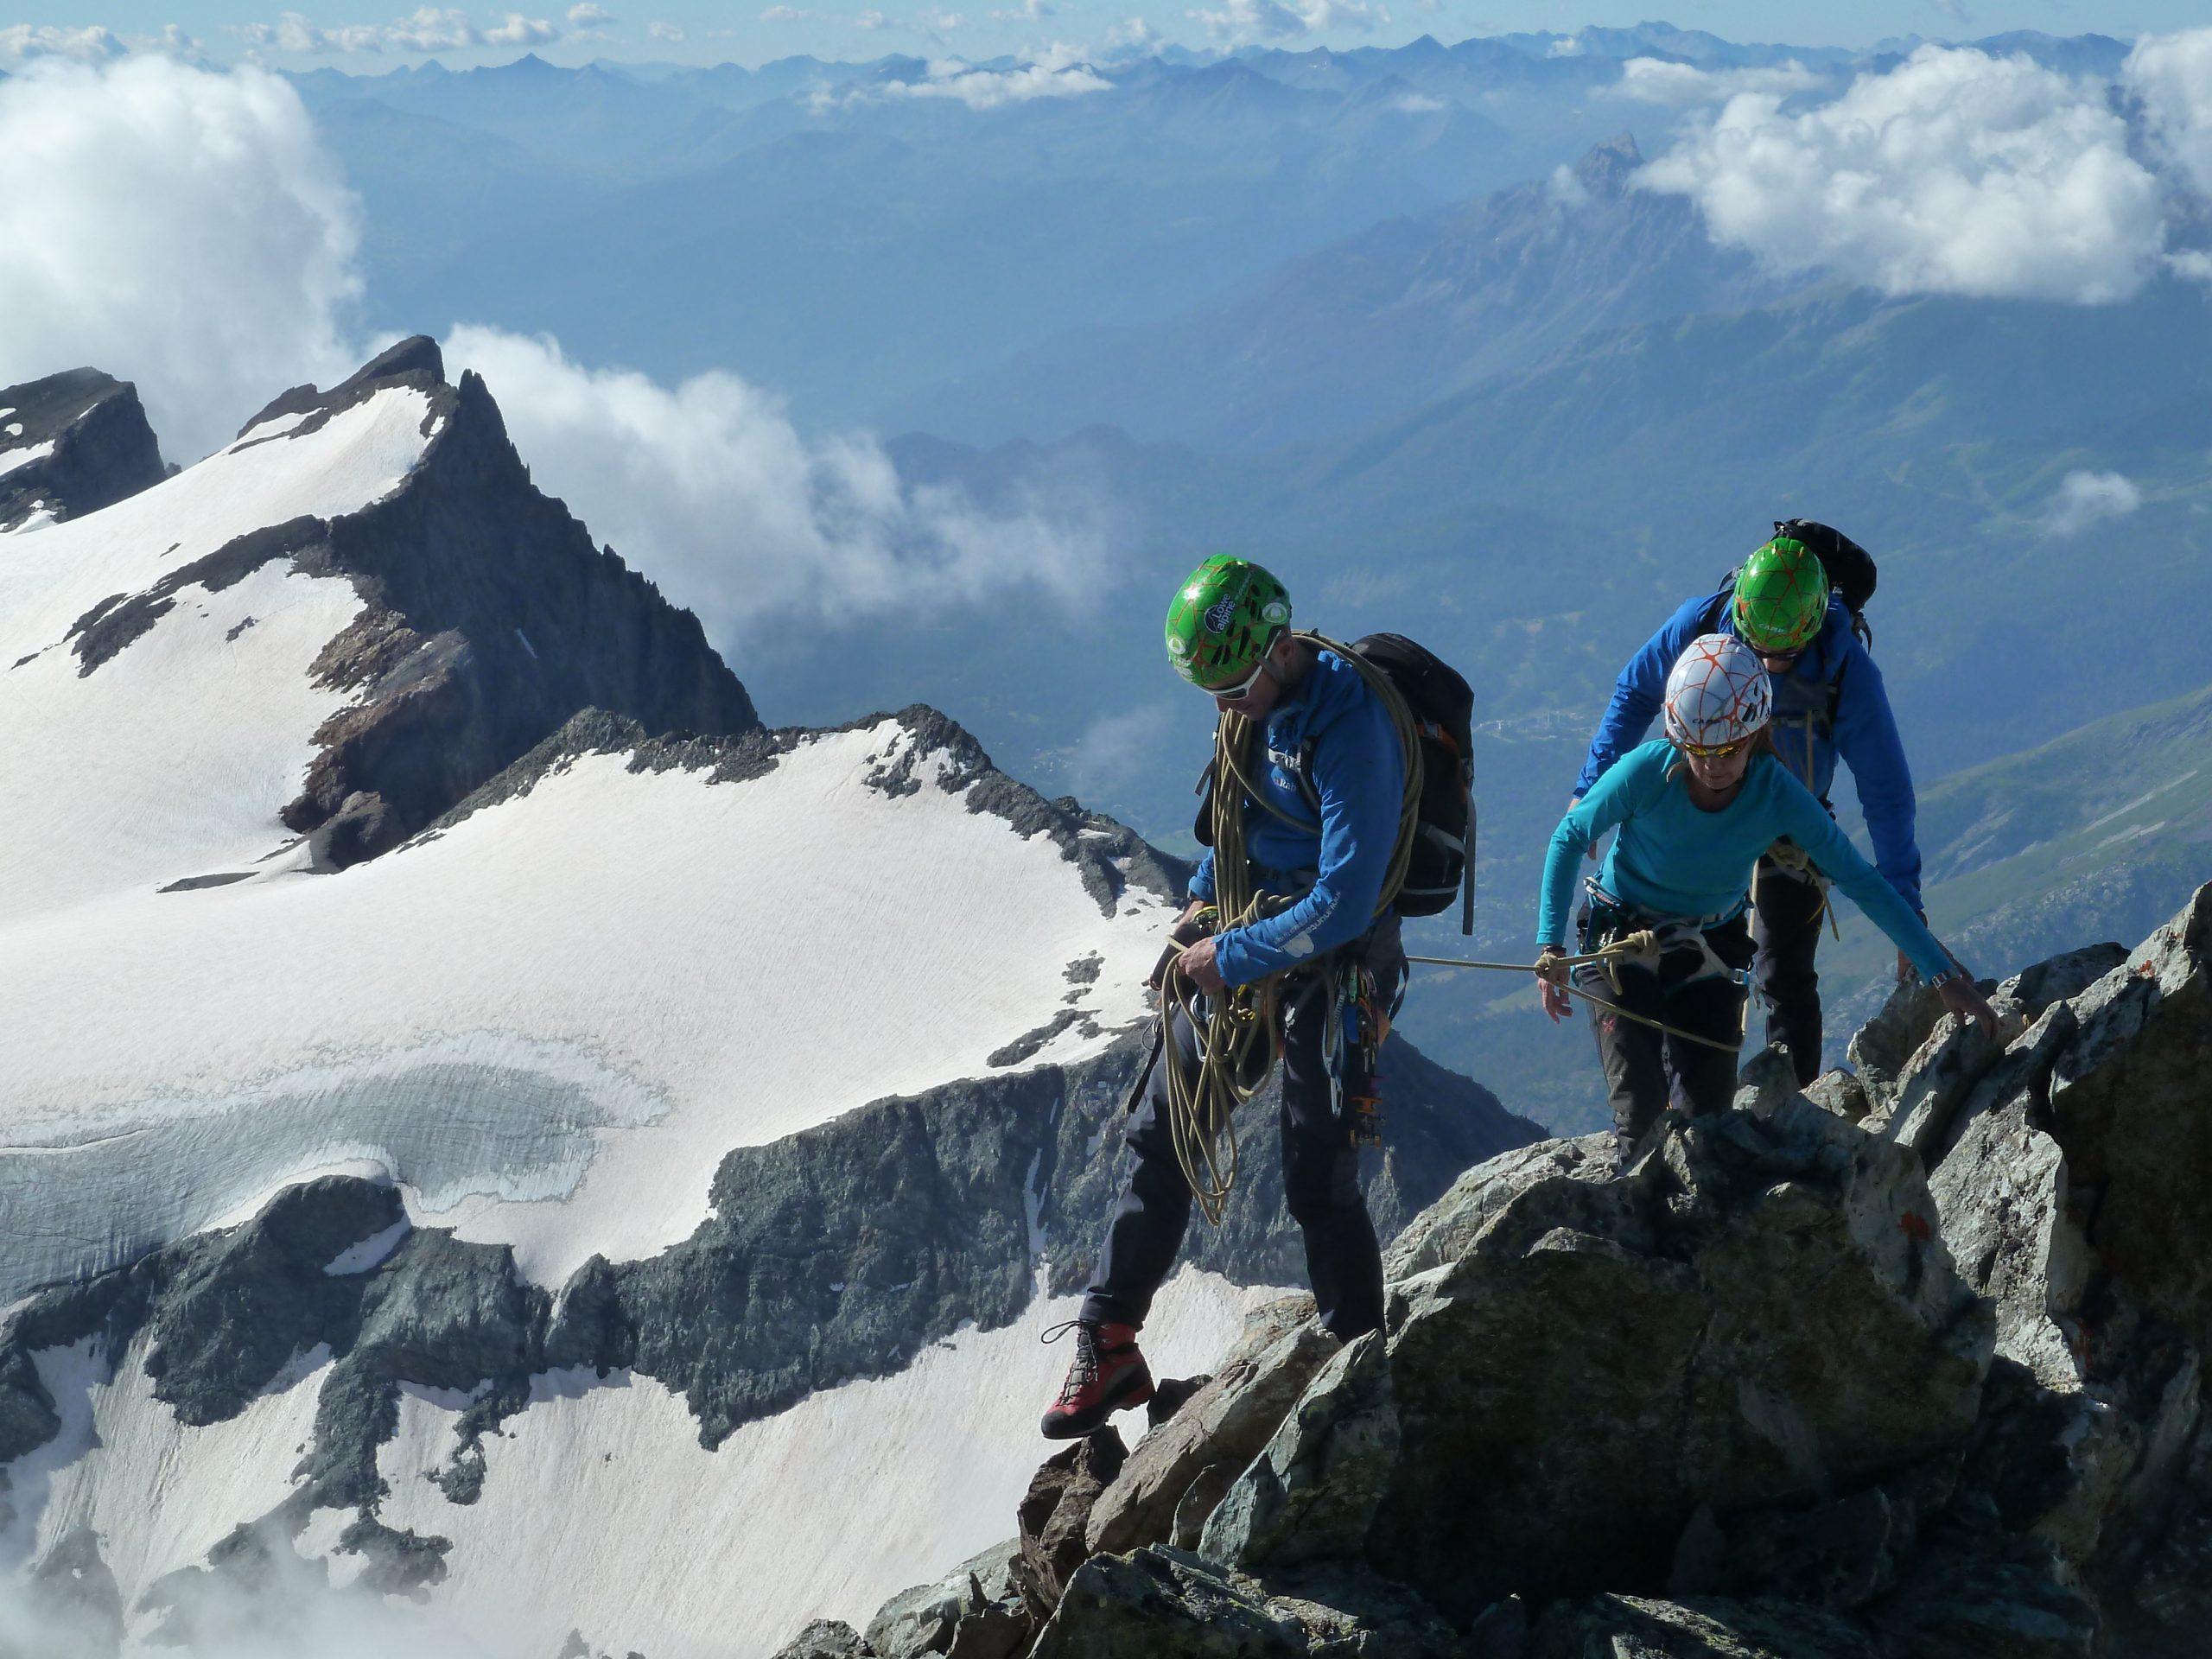 Ecrins, alpinismo fácil en los Alpes